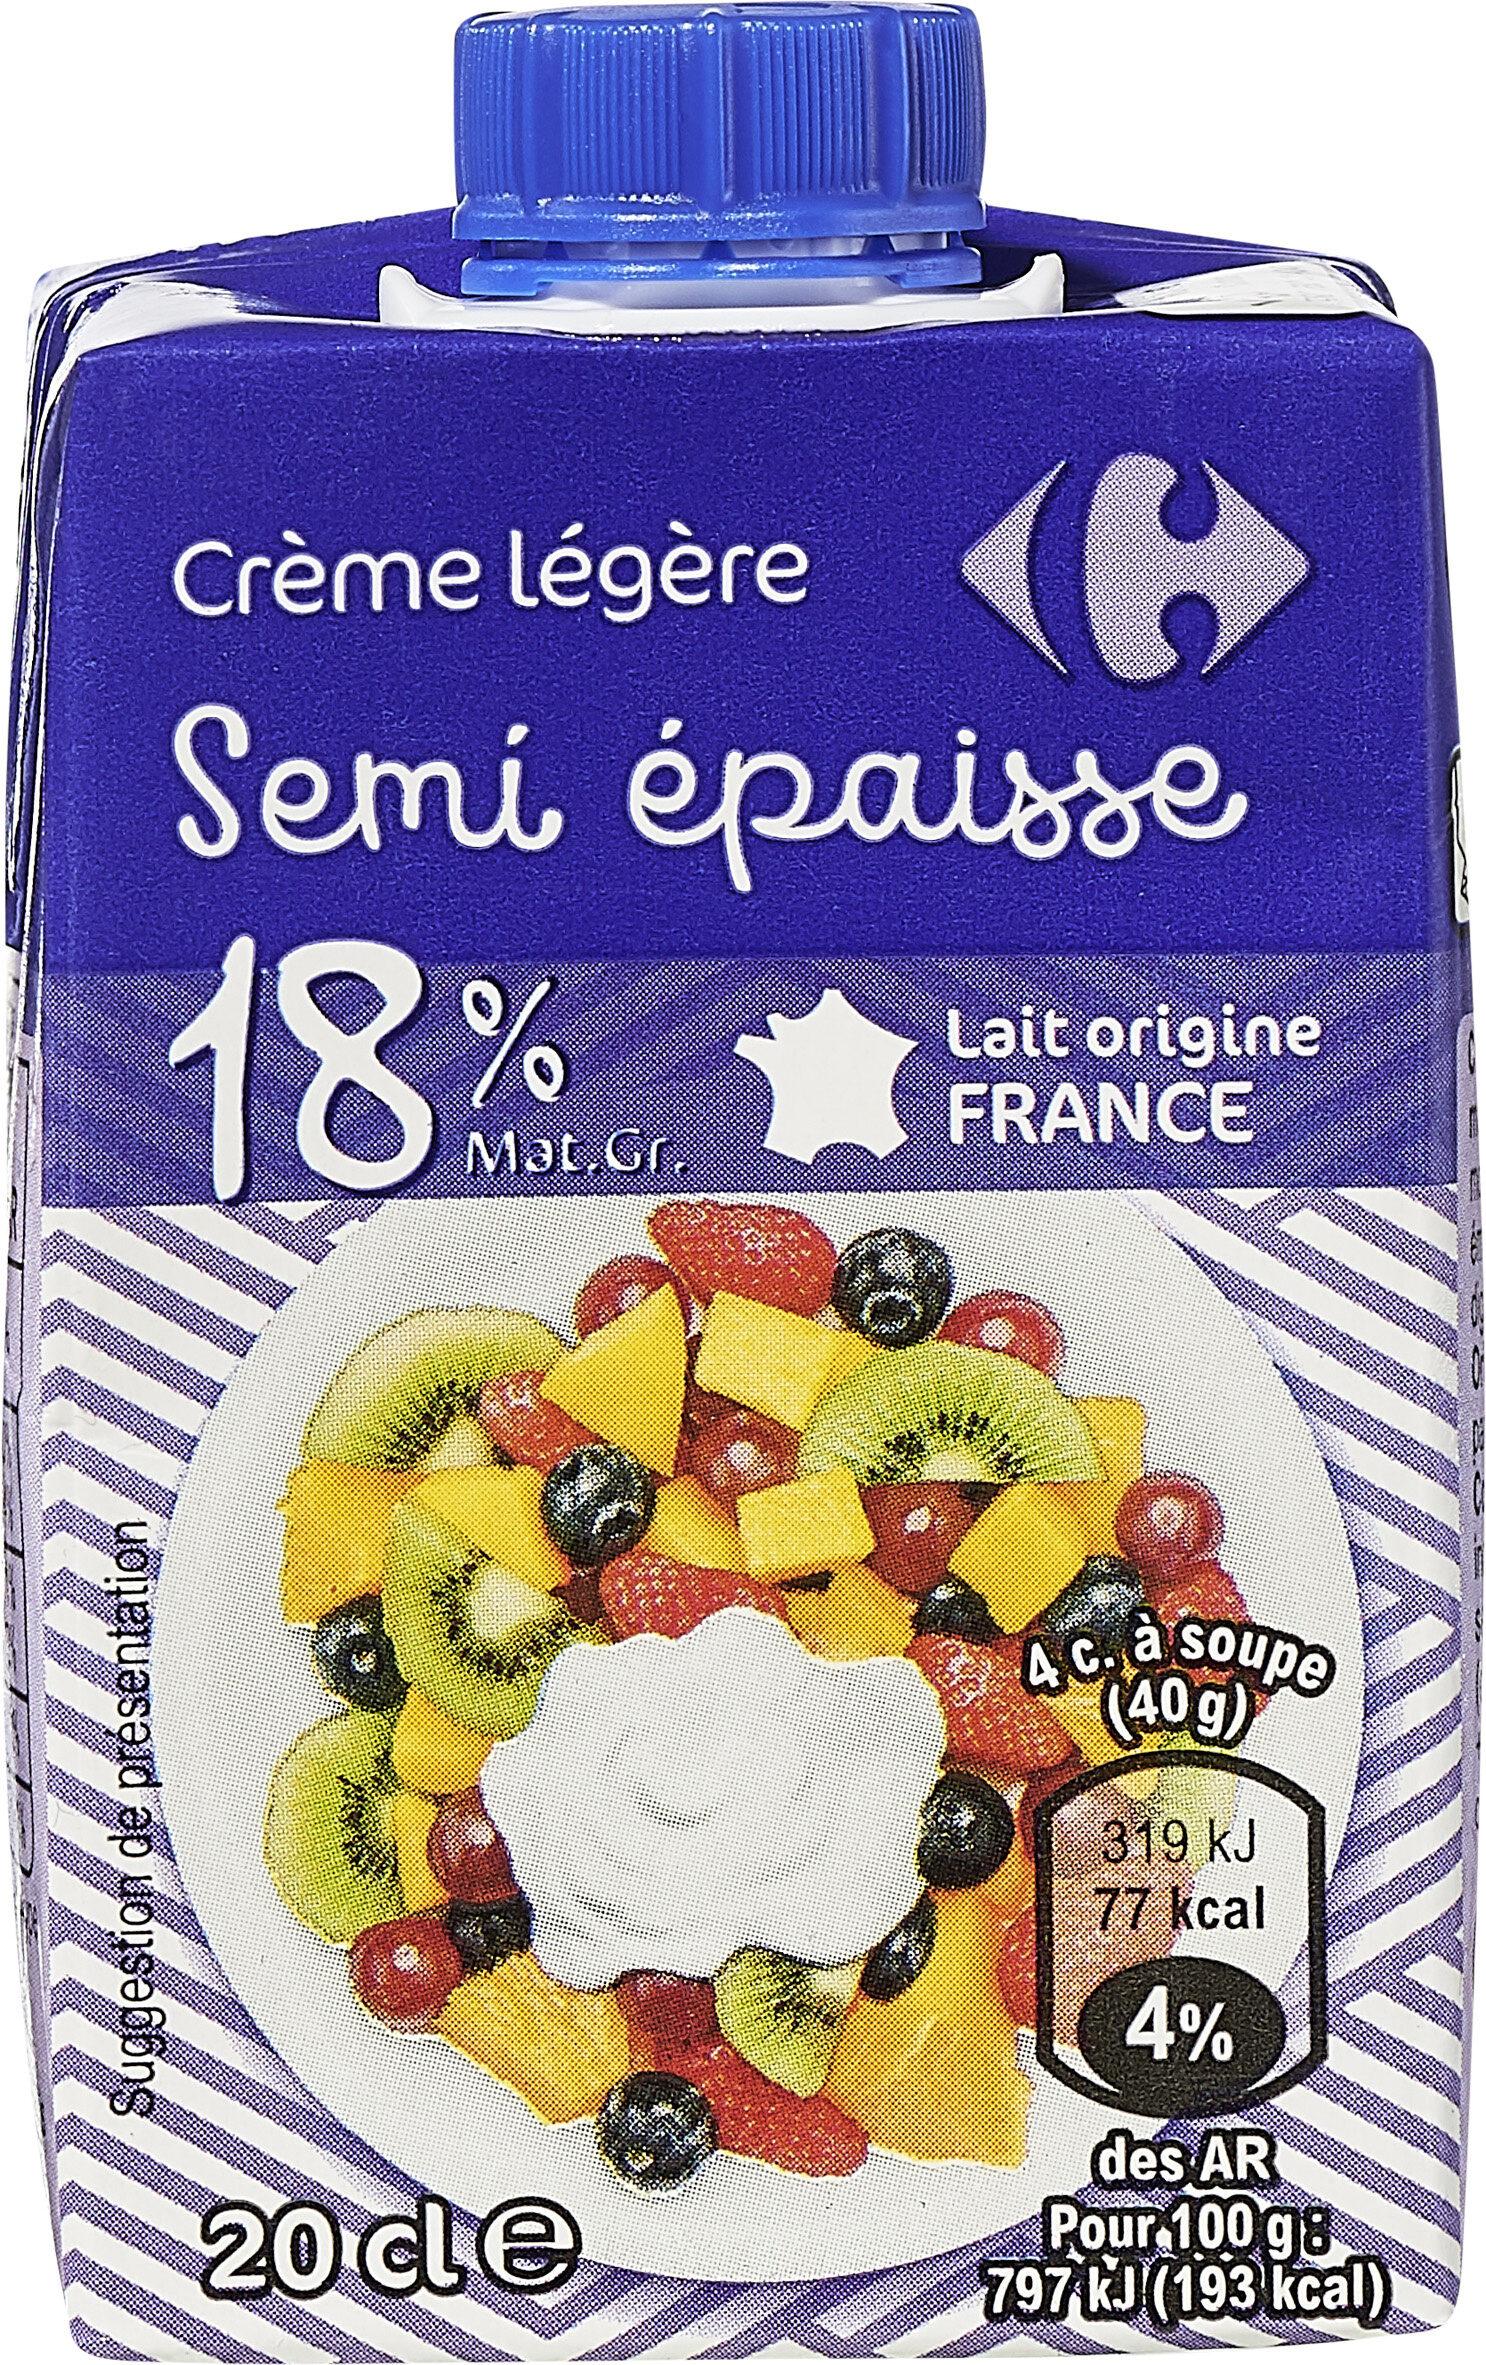 Crème légère semi-épaisse. - Produit - fr